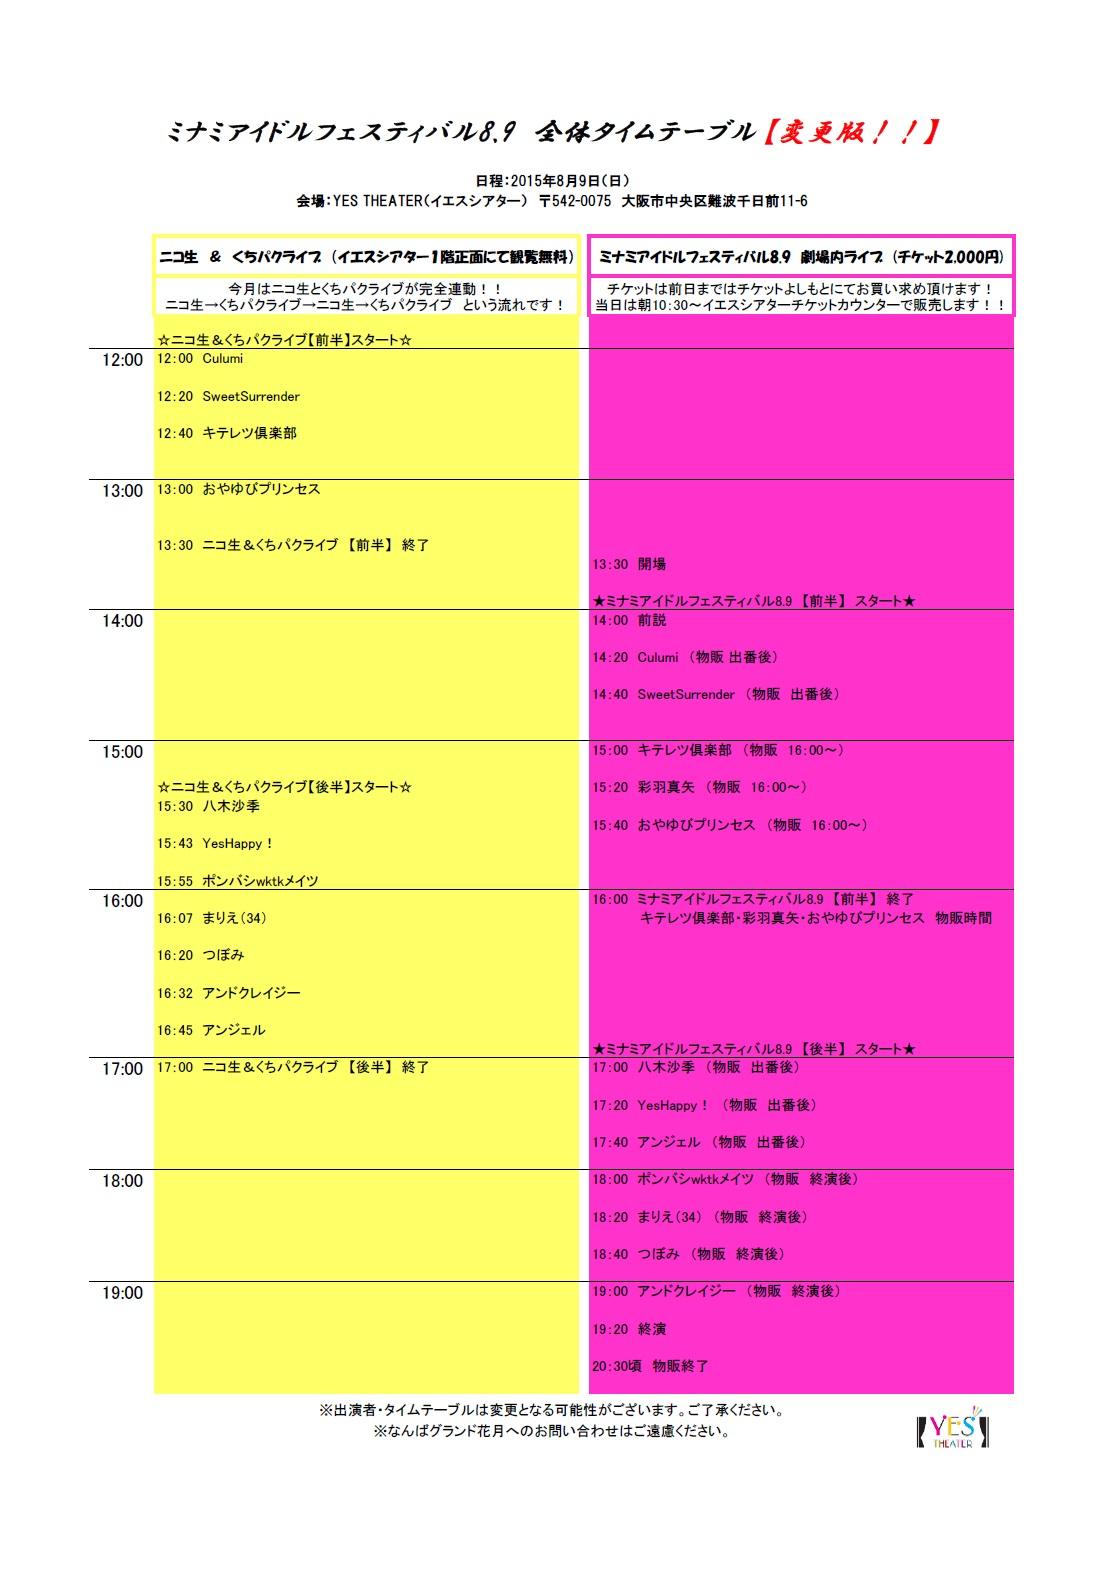 2015年8月9日(日) ミナミアイドルフェスティバル8.9